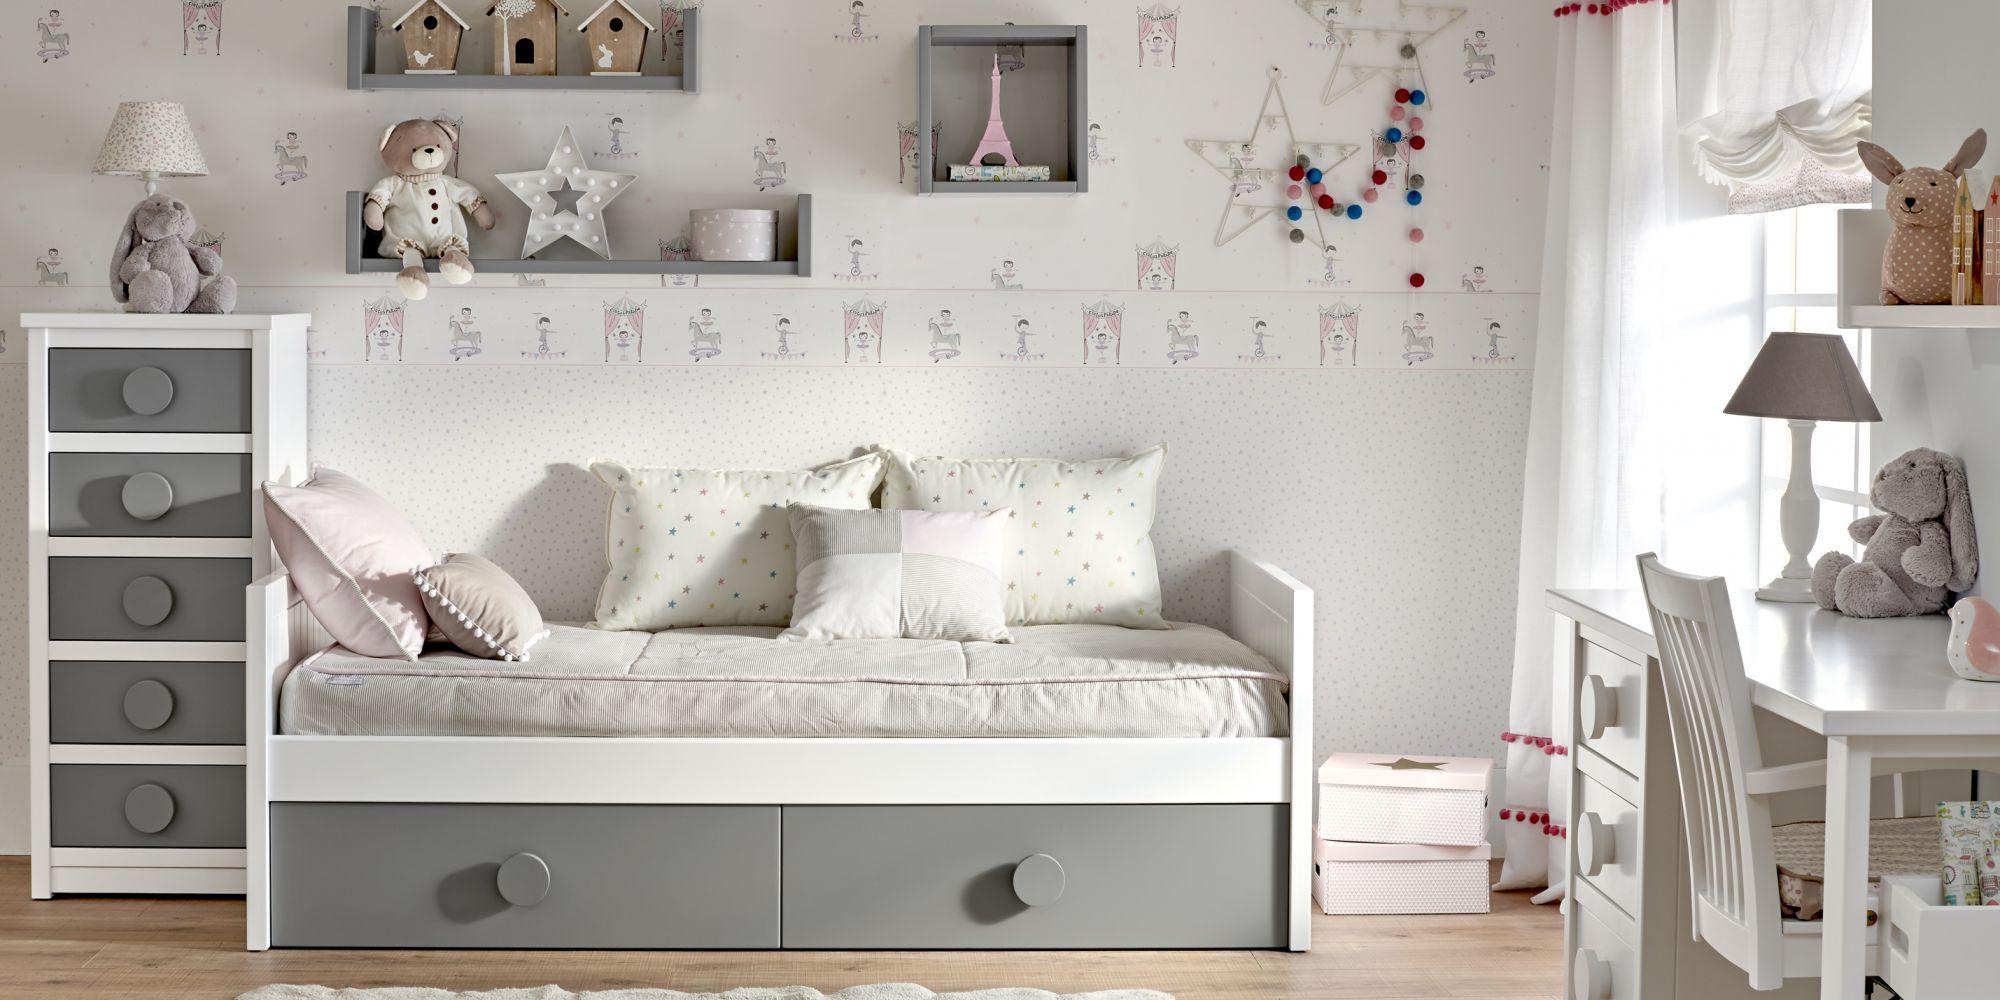 Nido y chiffonier ideal para dormitorio infantil | Mueble Infantil